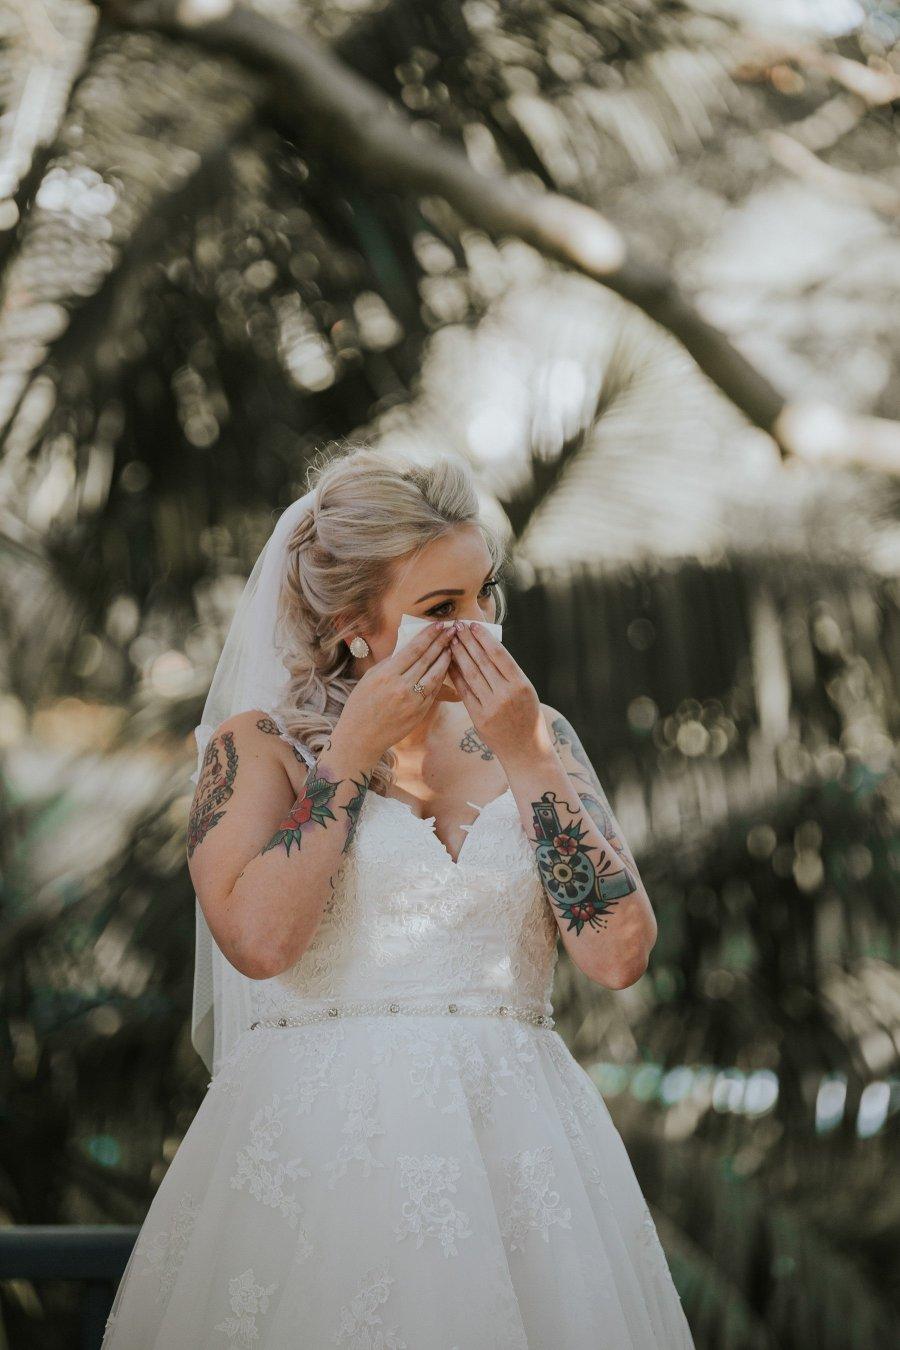 Ebony Blush Photography | Perth Wedding Photographer | Kate + Gareth | Yallingup Wedding Photos22